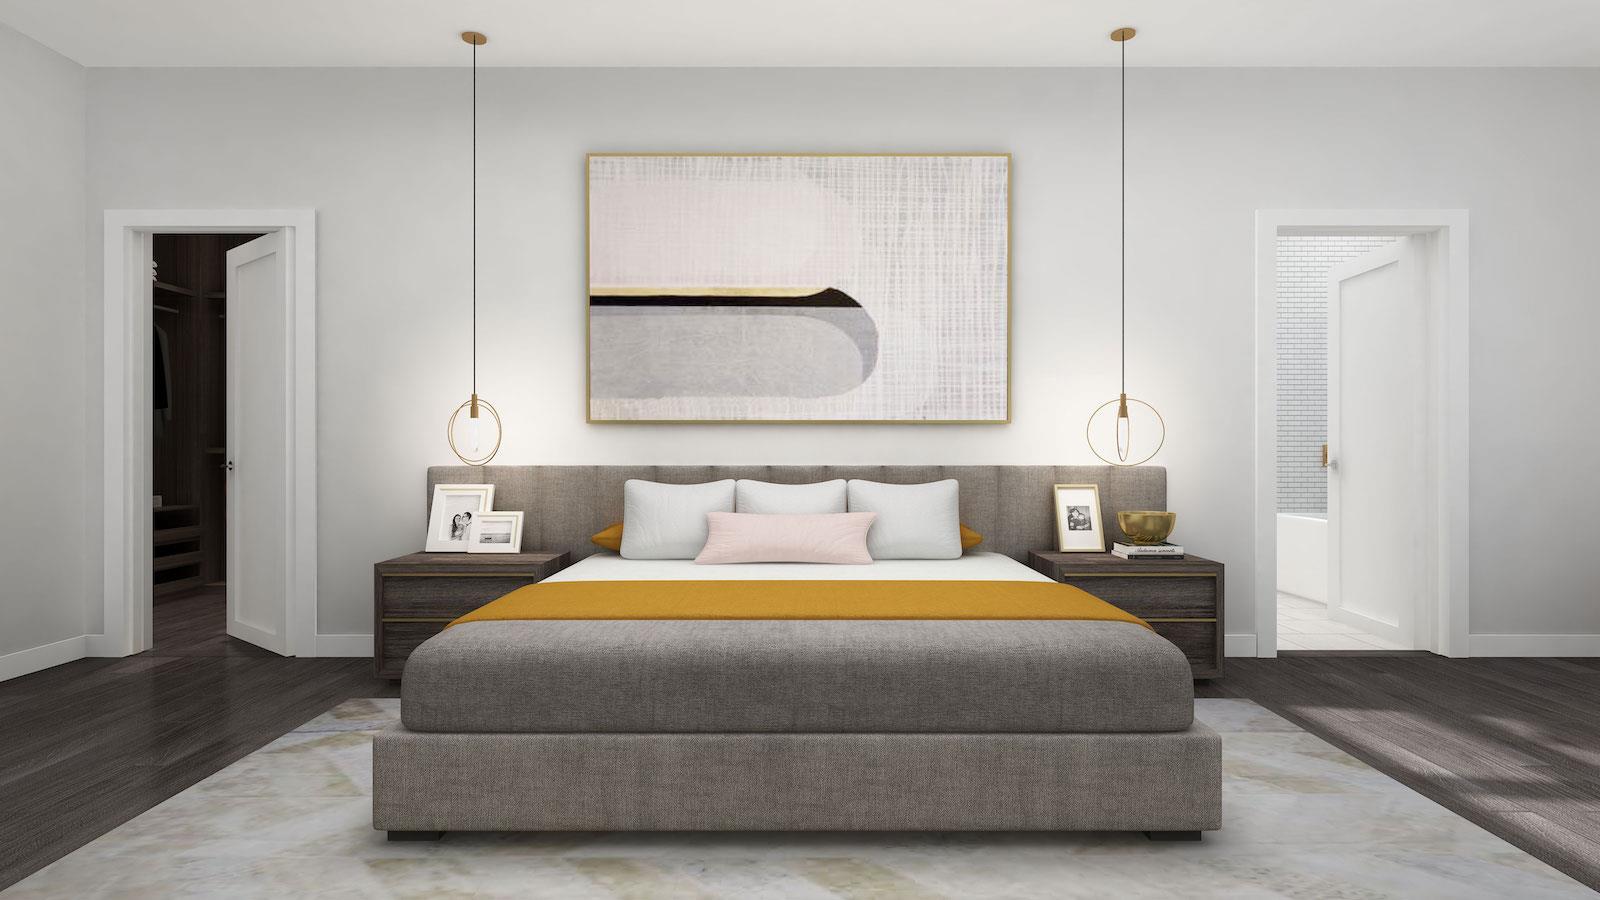 NuTowns_Bedroom